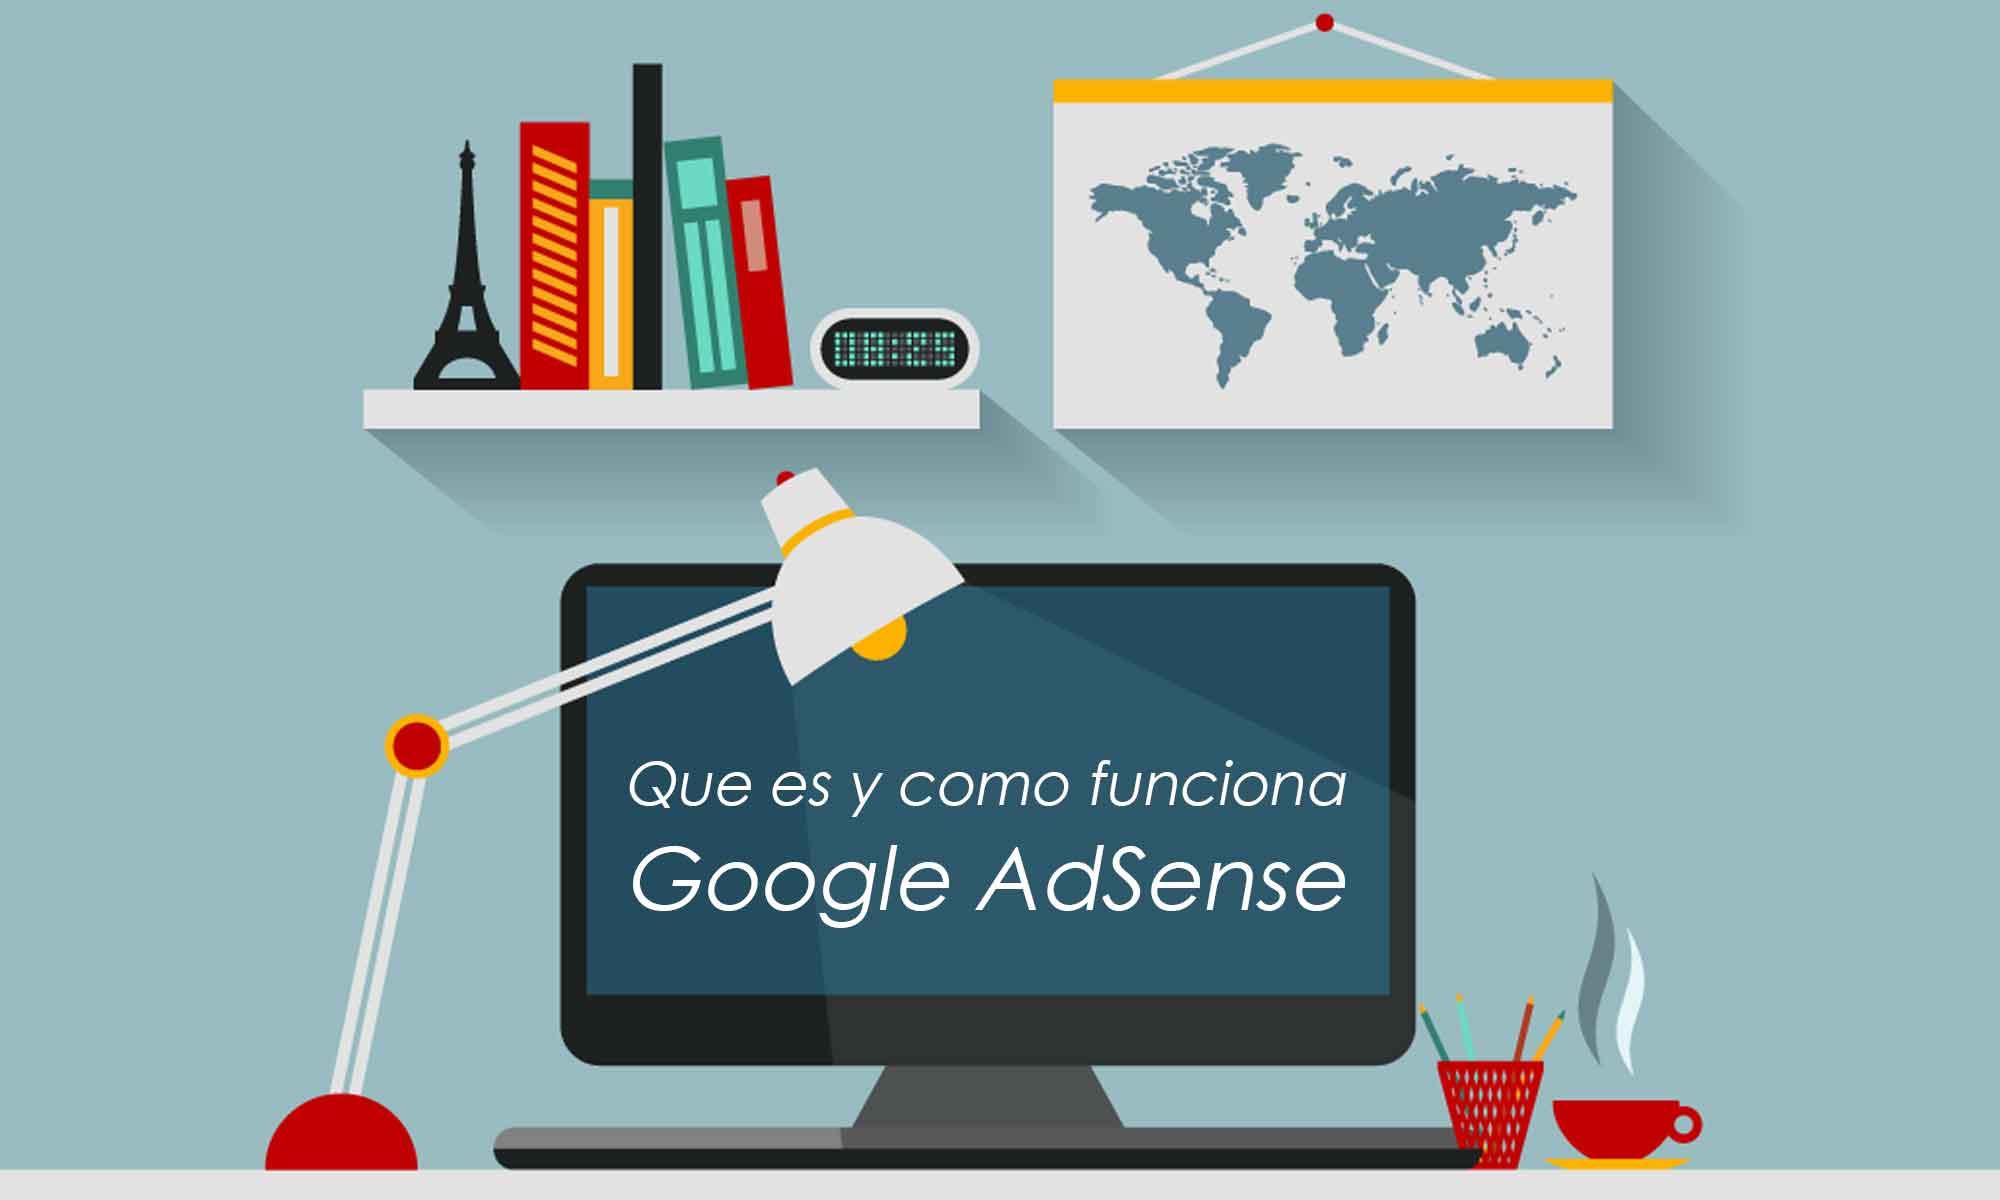 Conoce Google Adsense